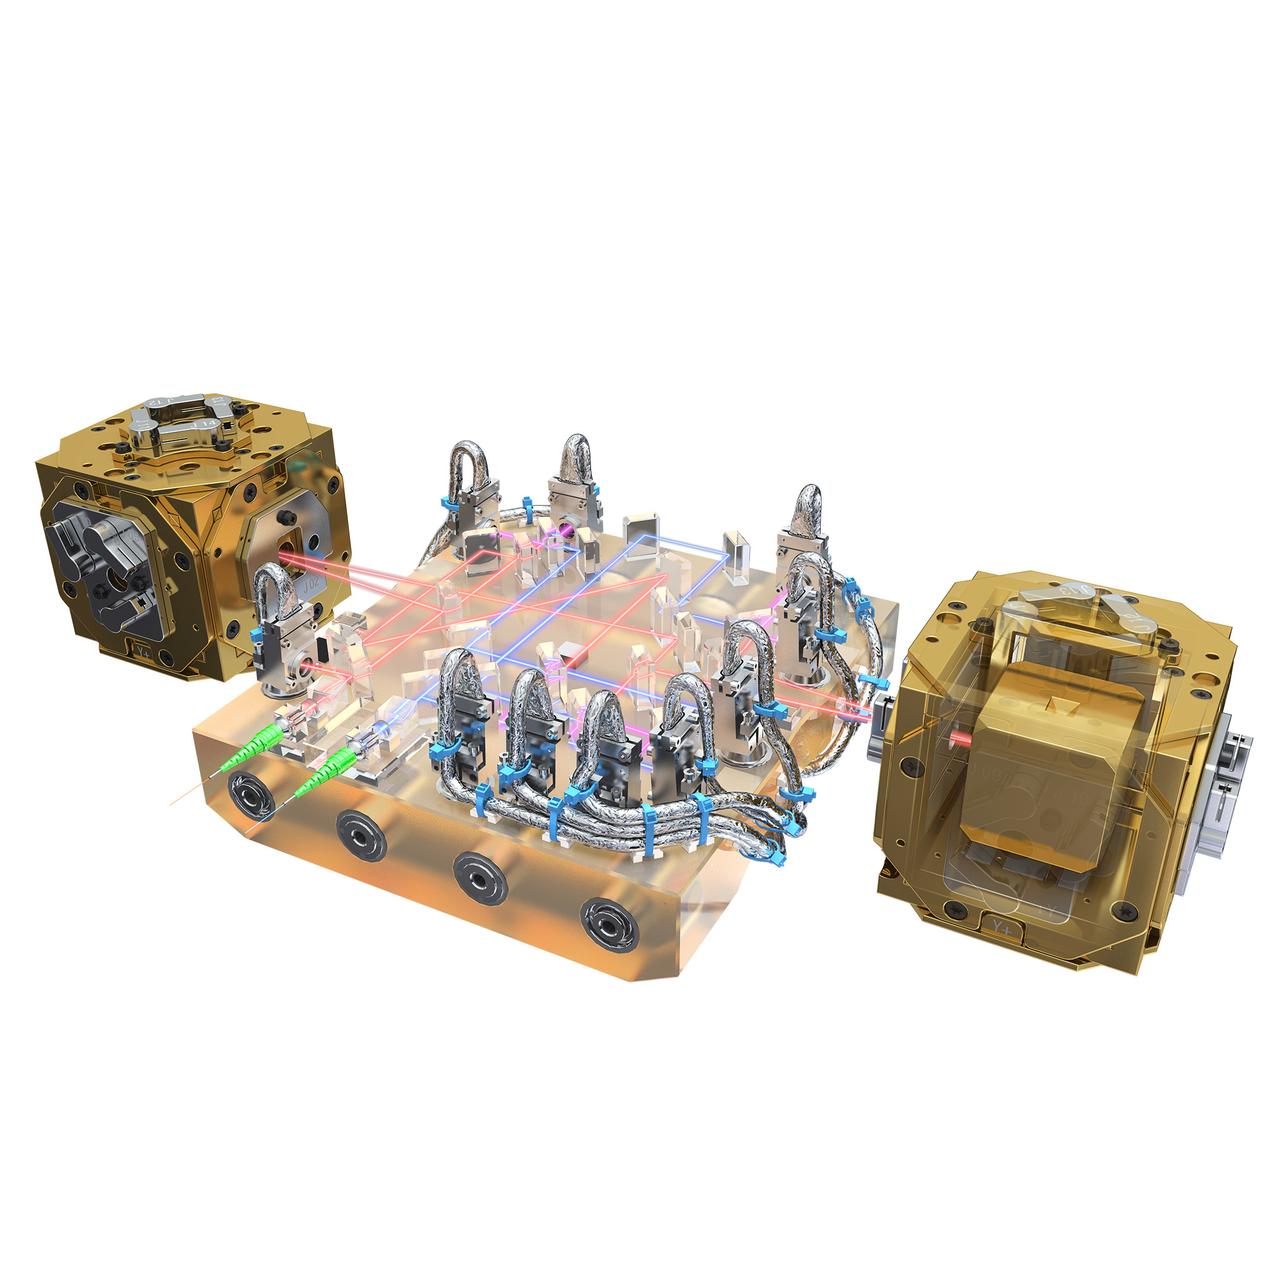 1567215924859-ESA_LISA_Pathfinder_LTP_Interferometer_1280.jpg